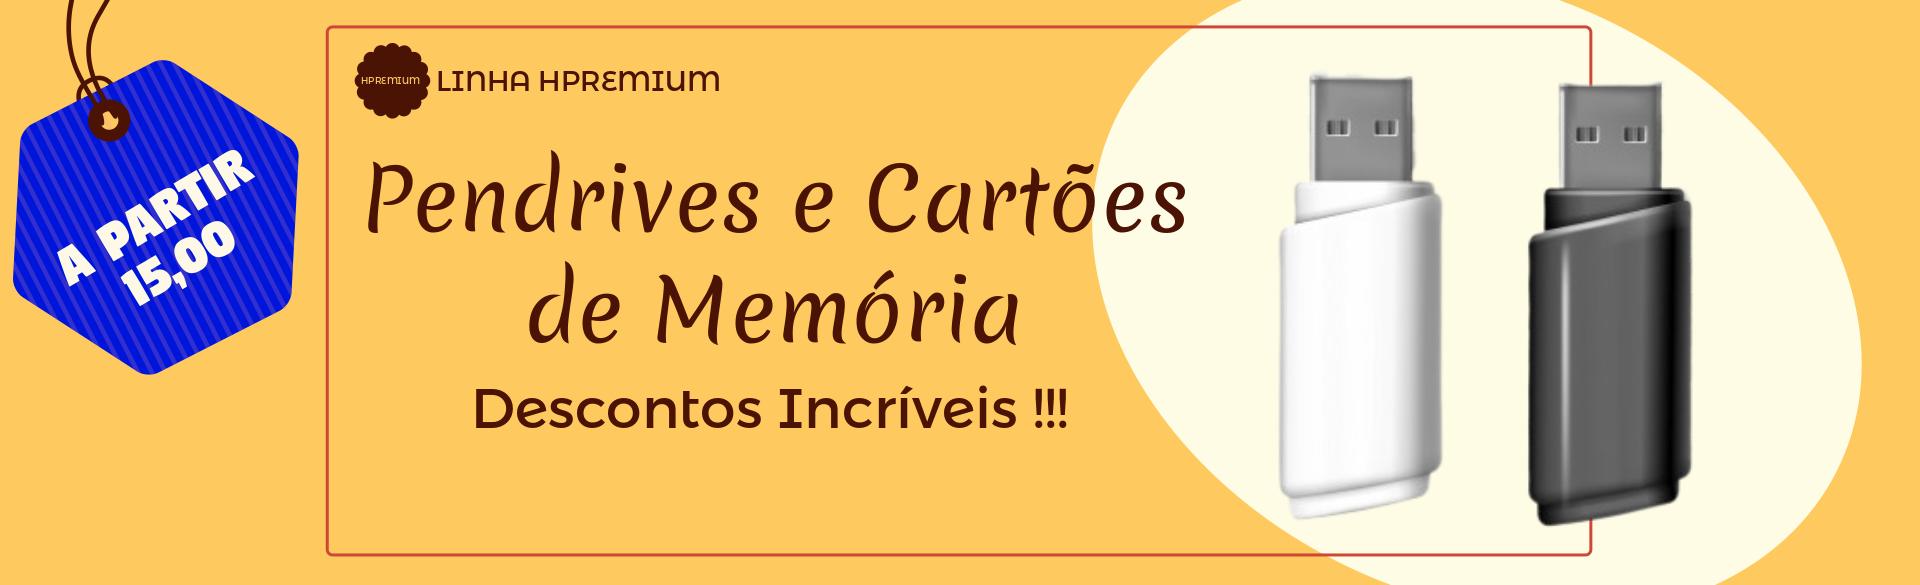 Pendrives e Cartões de Memória